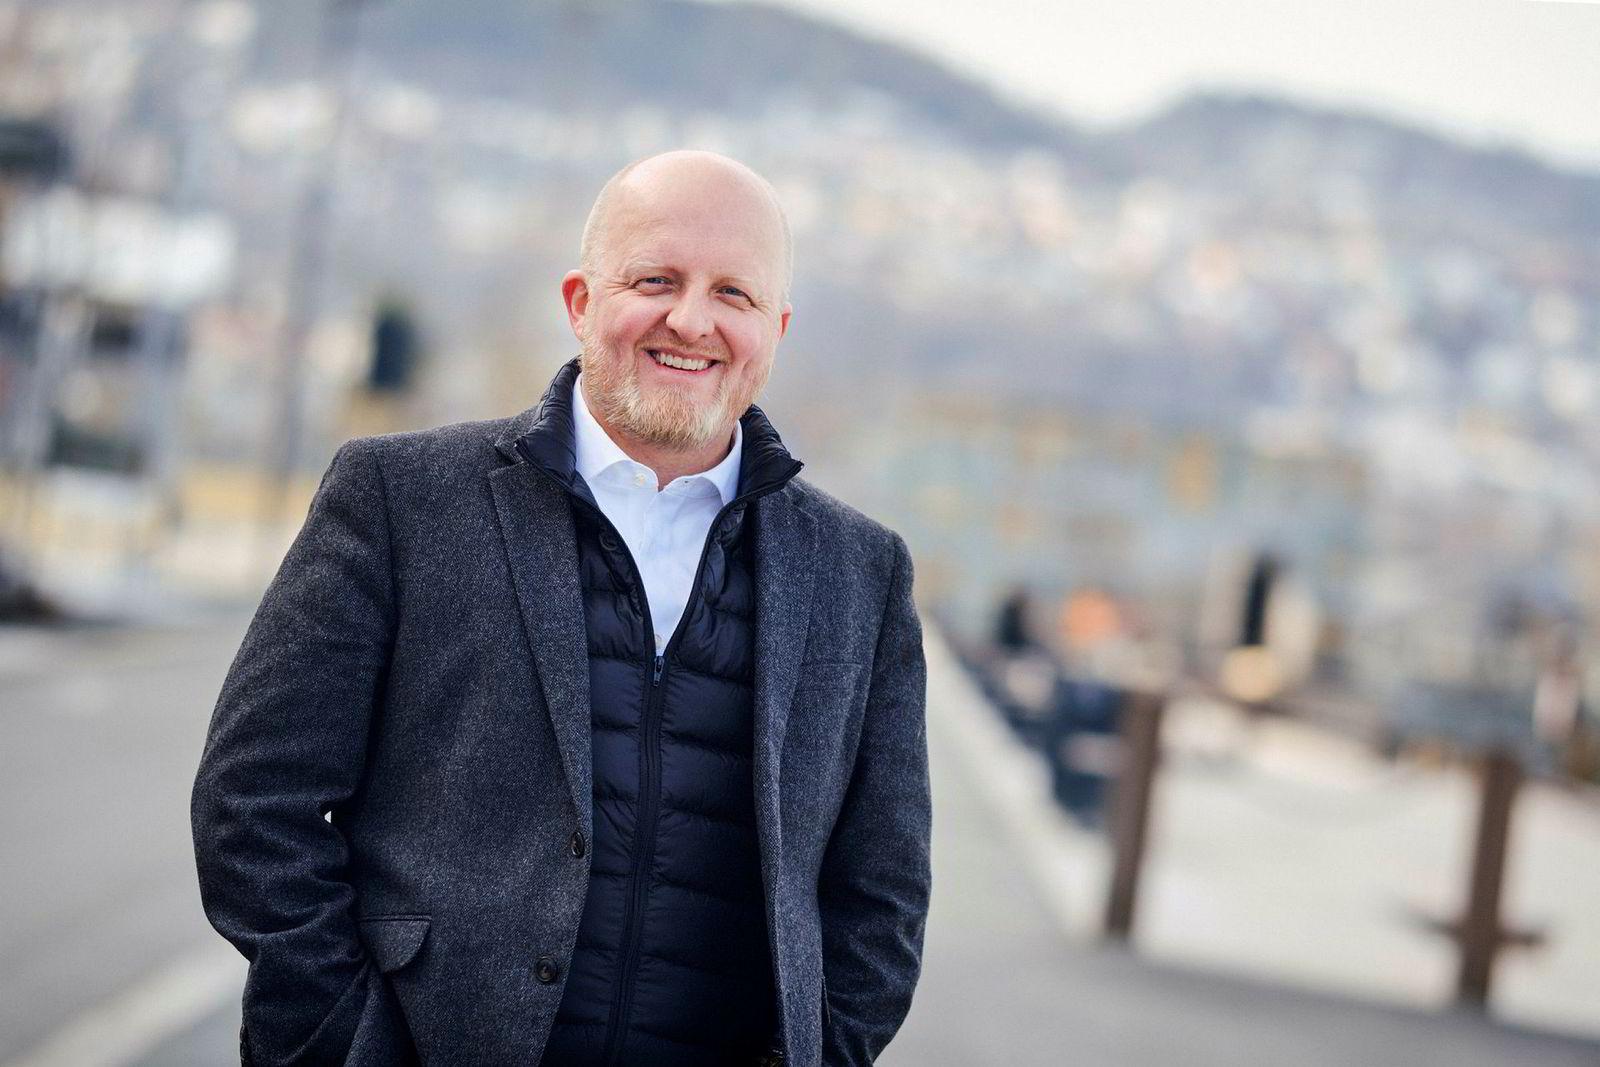 Bent Grøver i Investinor har troen på at det nyfusjonerte alpinteknolgiselskapet Skitude kan bli verdt milliardbeløp.